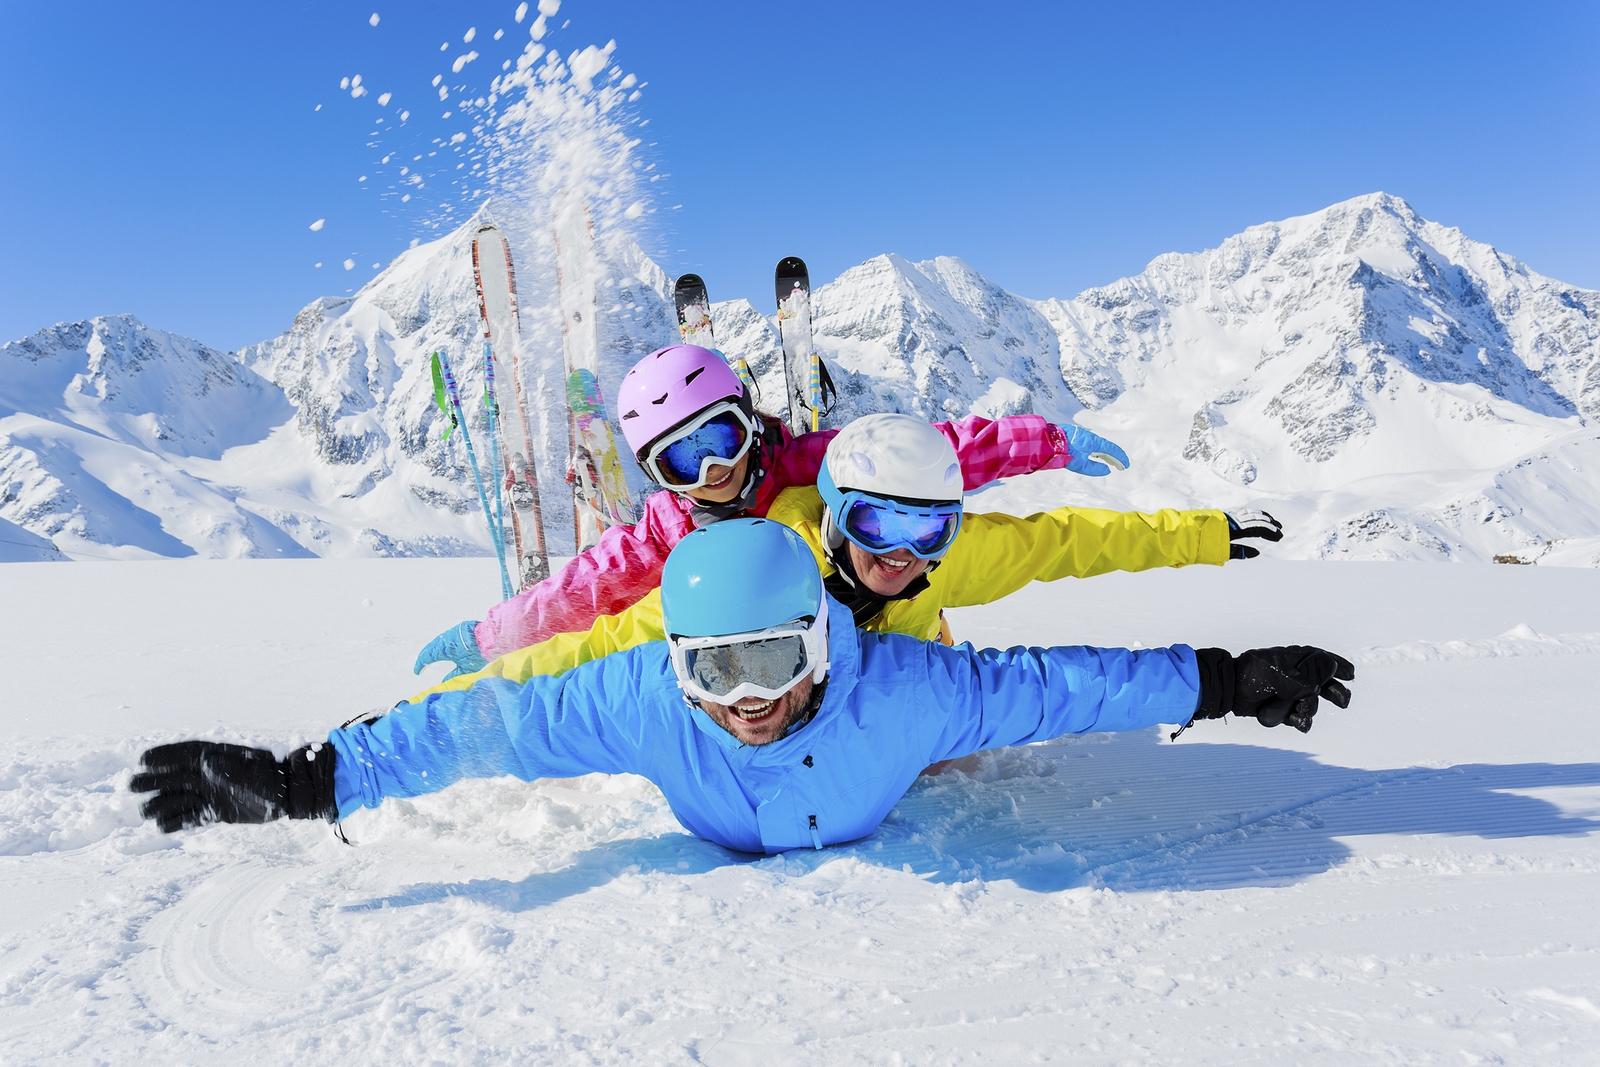 Słońce, śnieg, rodzina – ciesz się urlopem narciarskim w Austrii, fot. Kinderhotels Europa